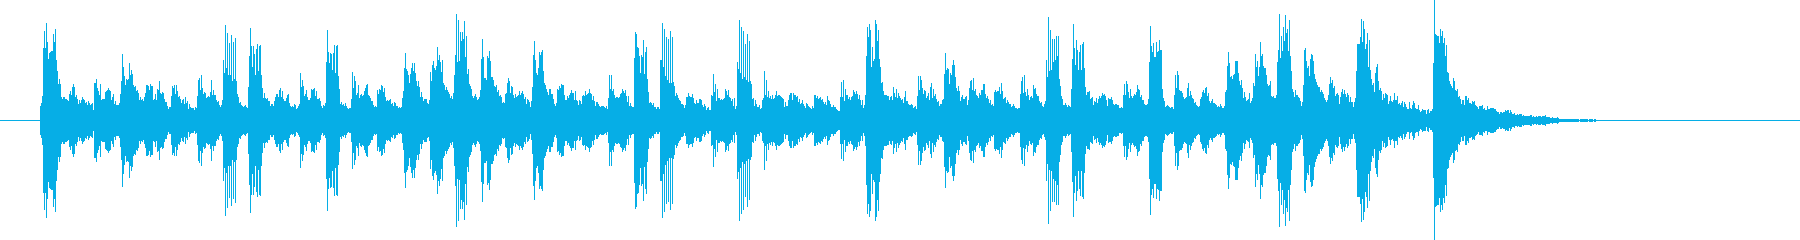 優しい朗らかなシンセポップジングルの再生済みの波形